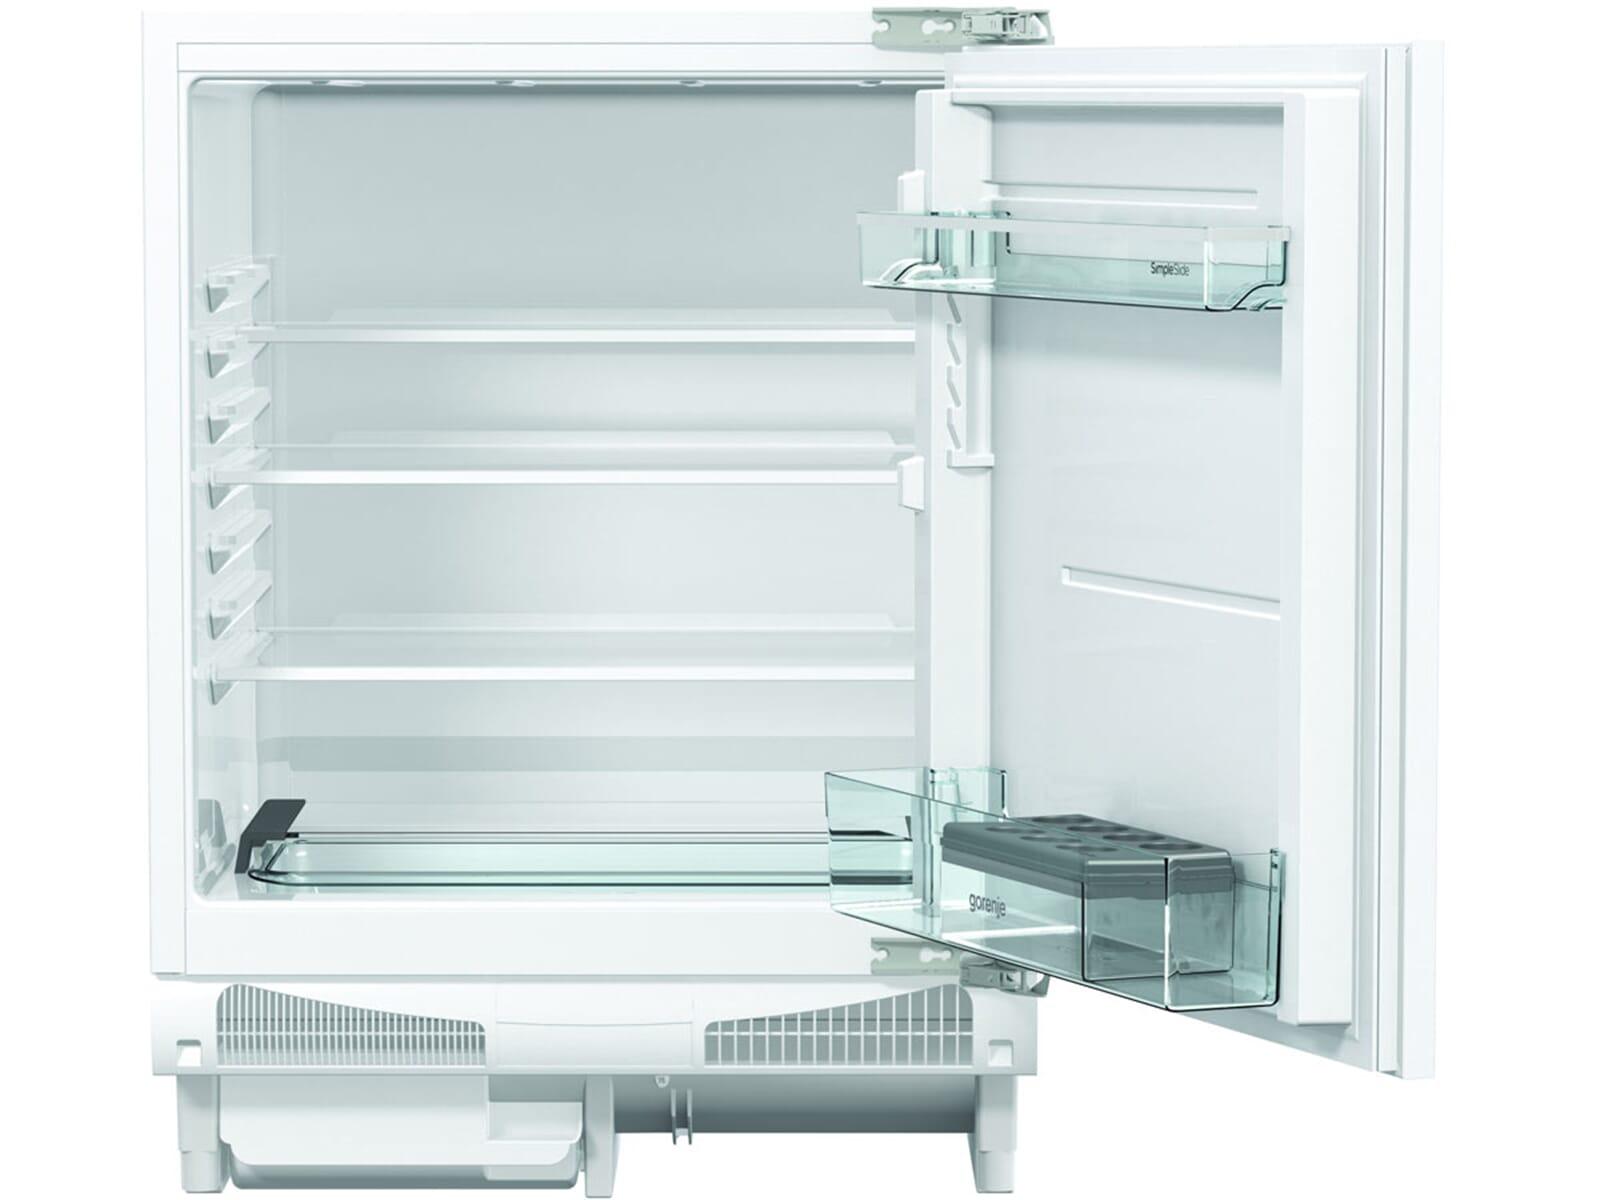 Gorenje Kühlschrank Qualität : Gorenje riu aw unterbaukühlschrank